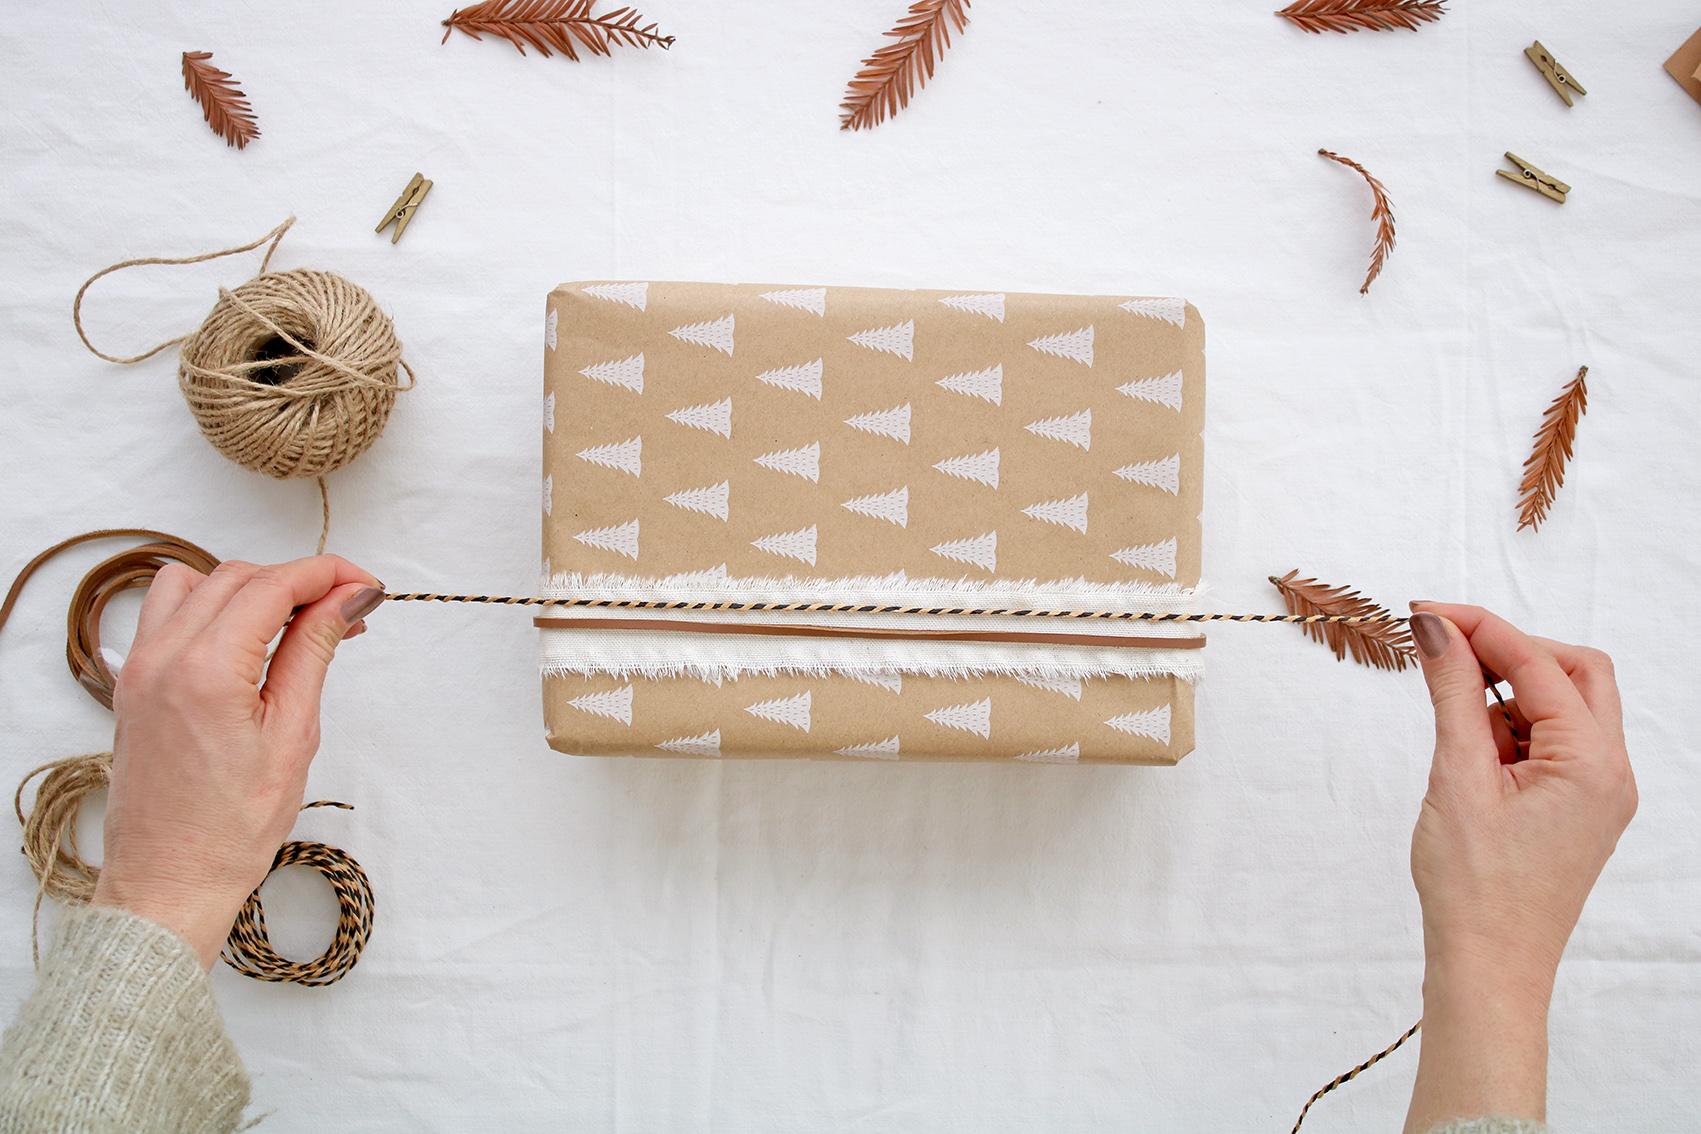 comment-faire-emballage-cadeau-original